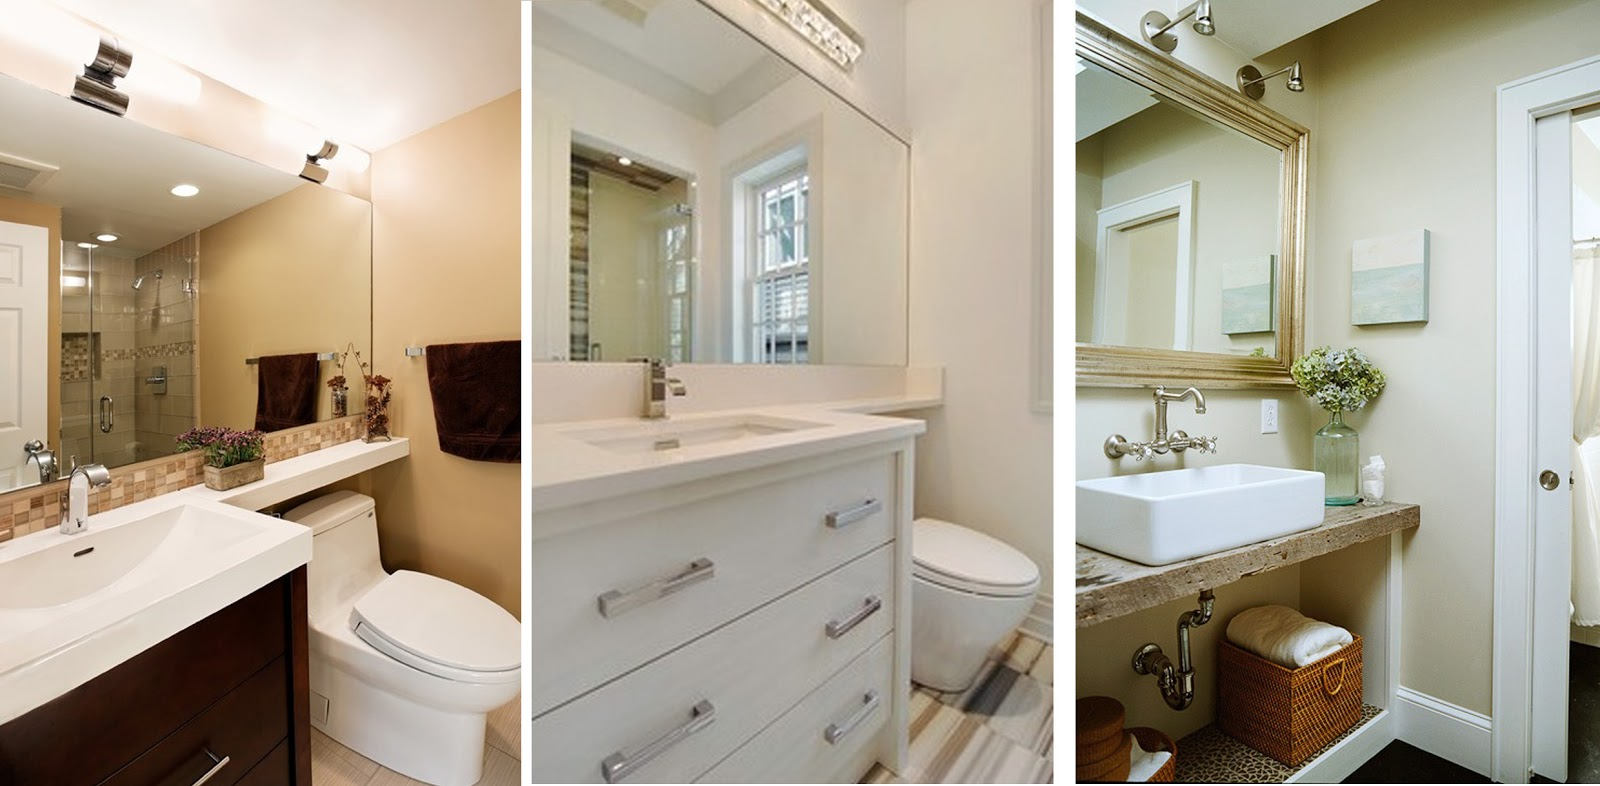 baos rusticos grandescmo seguro que todos ya sabis los espejos amplian los espacios y baos rusticos grandes